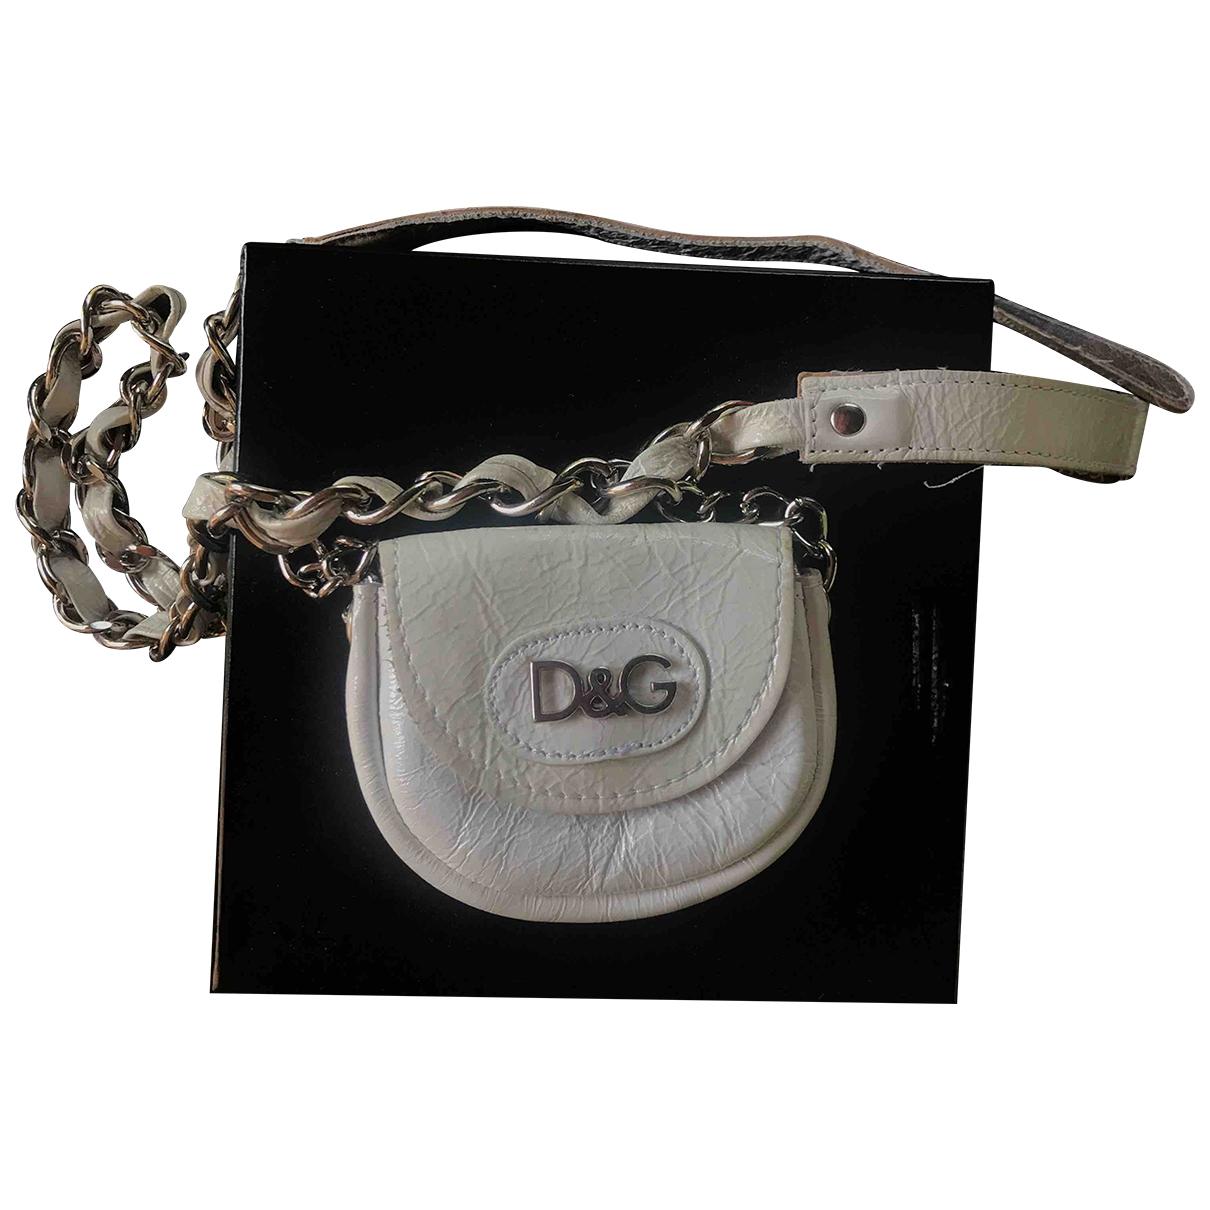 Dolce & Gabbana - Petite maroquinerie   pour femme en autre - blanc